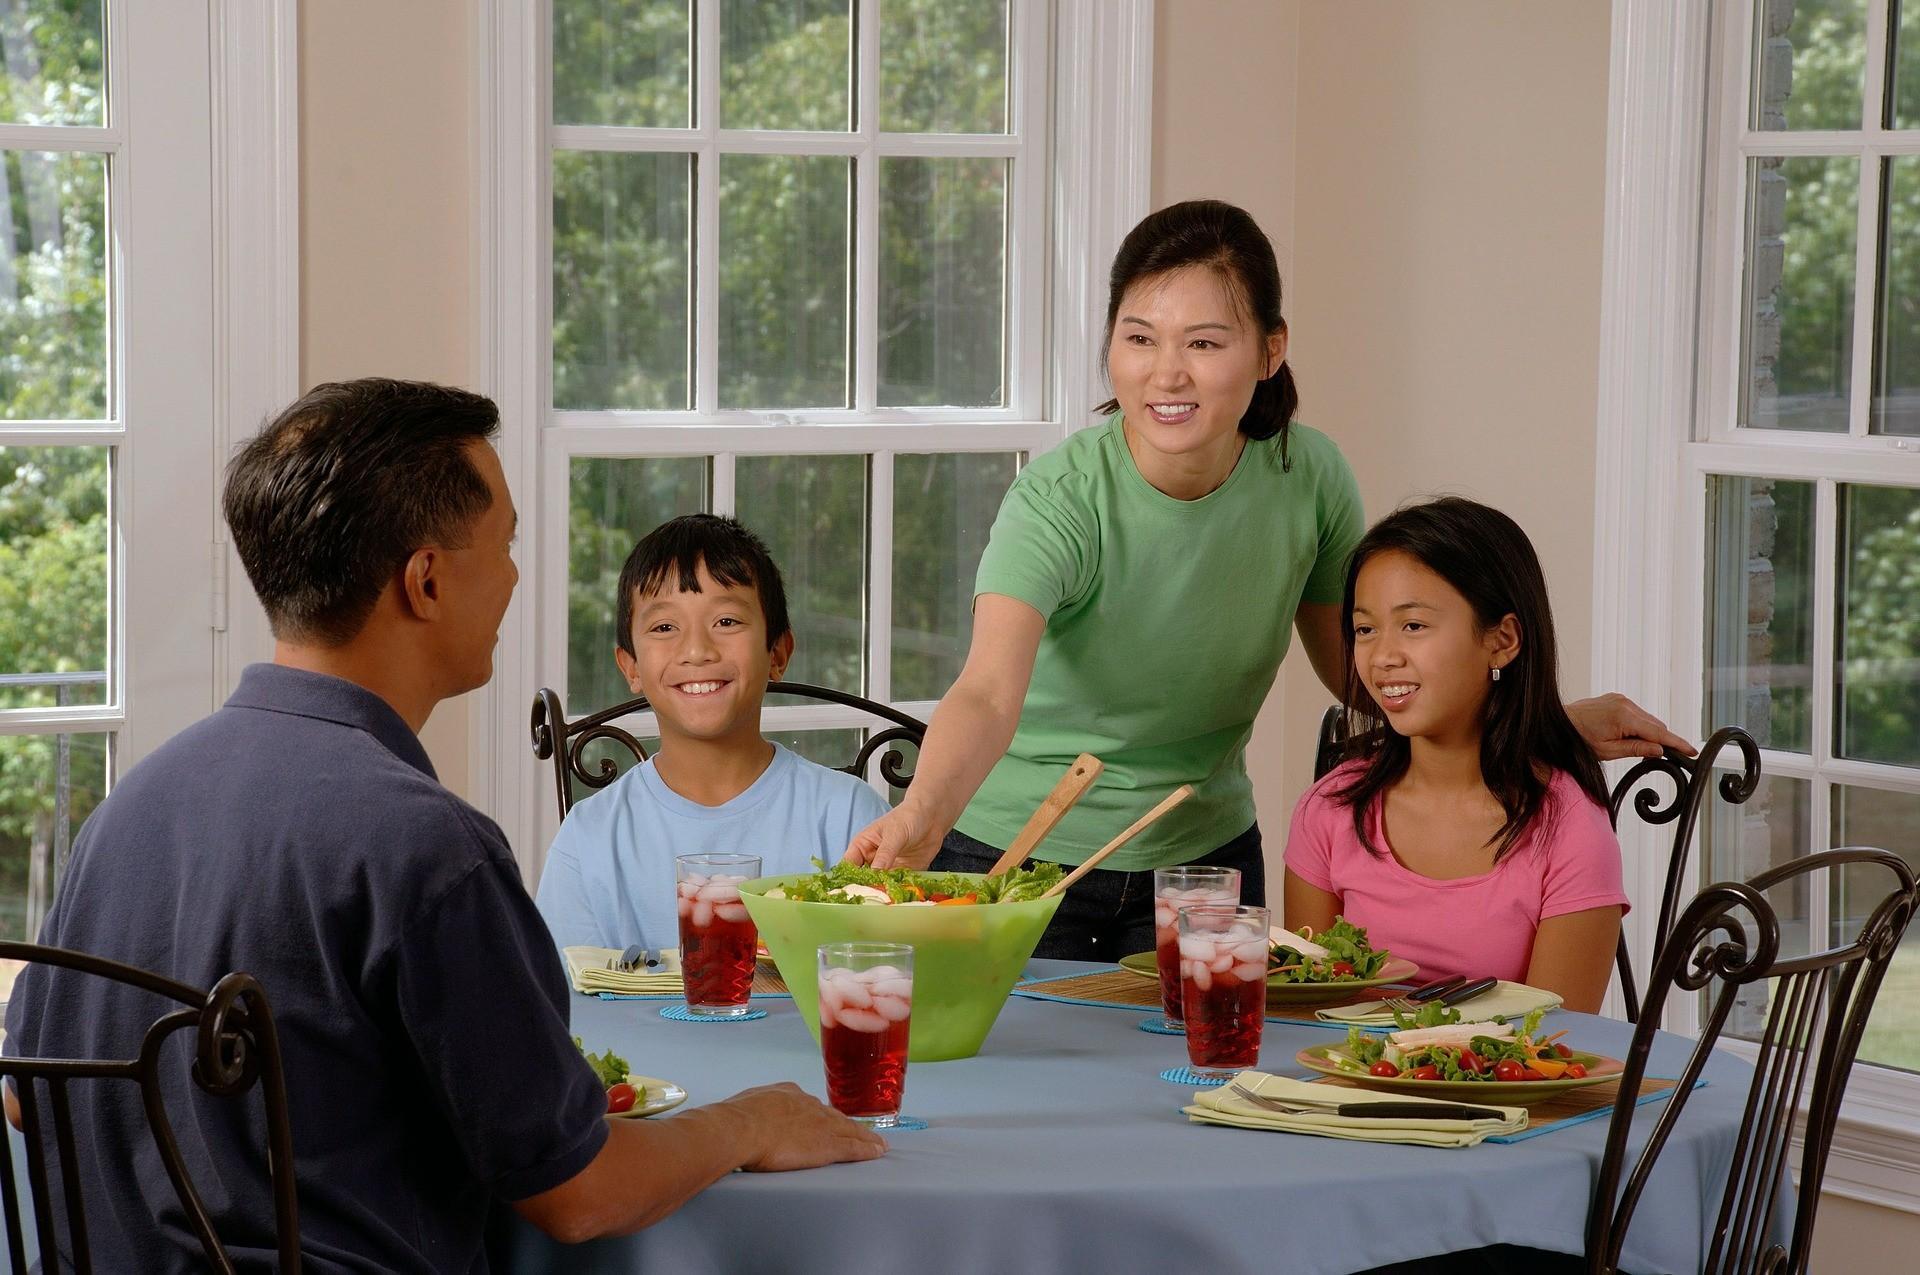 ▲▼親子,父母,家長,孩子,兒童,幼兒,家庭,餐桌,用餐。(圖/番攝自pixabay)